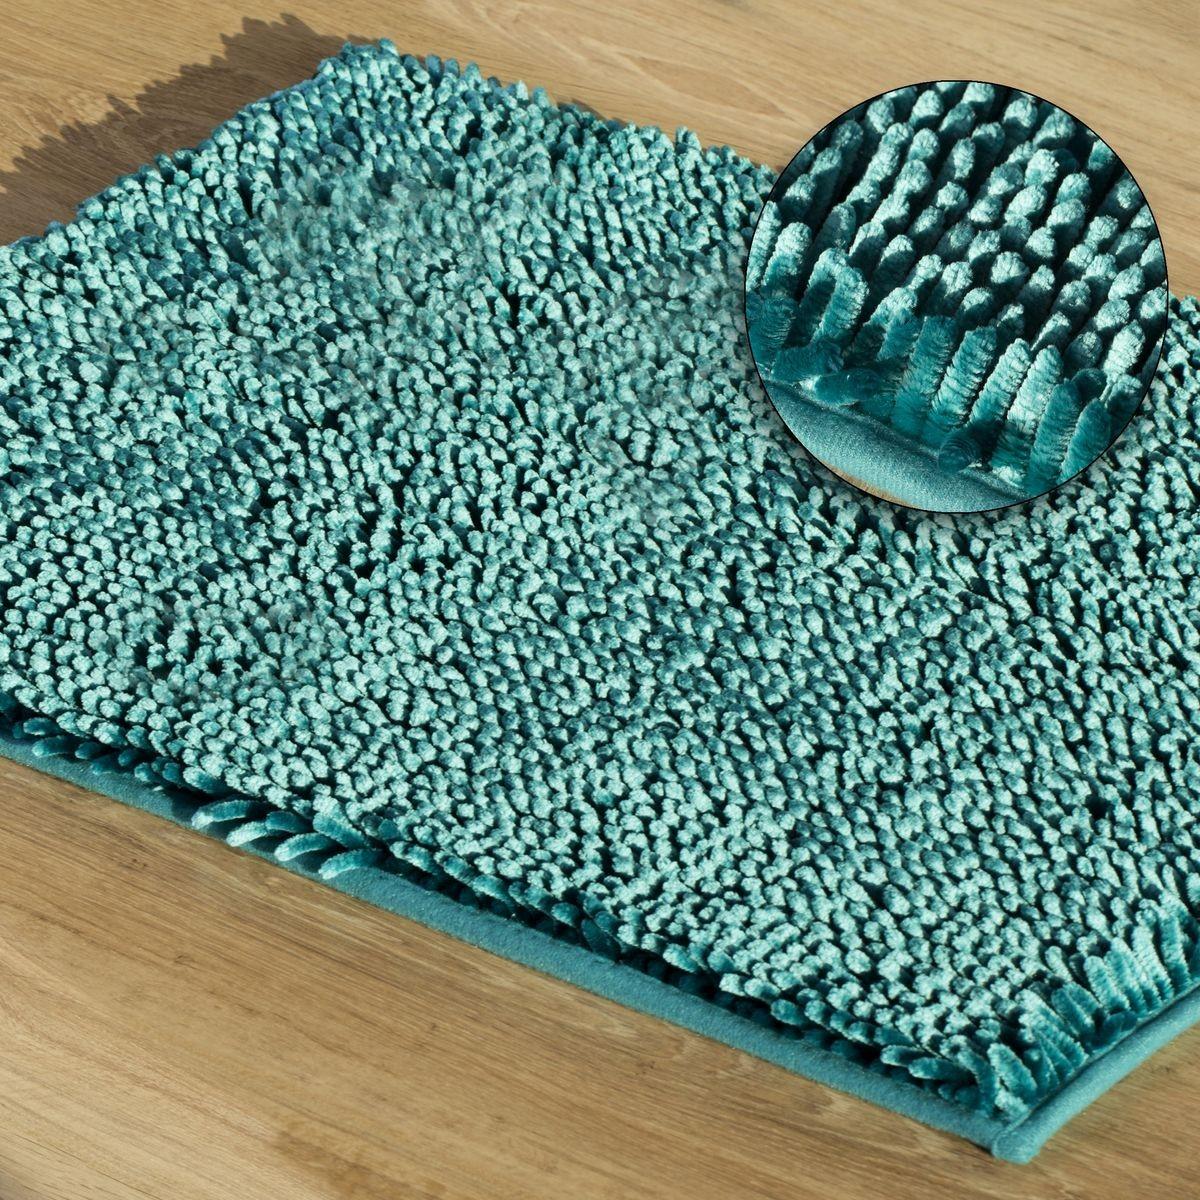 DomTextilu Tyrkysový huňatý koberec do kúpelne Šírka: 50 cm | Dĺžka: 70 cm 44466-208042